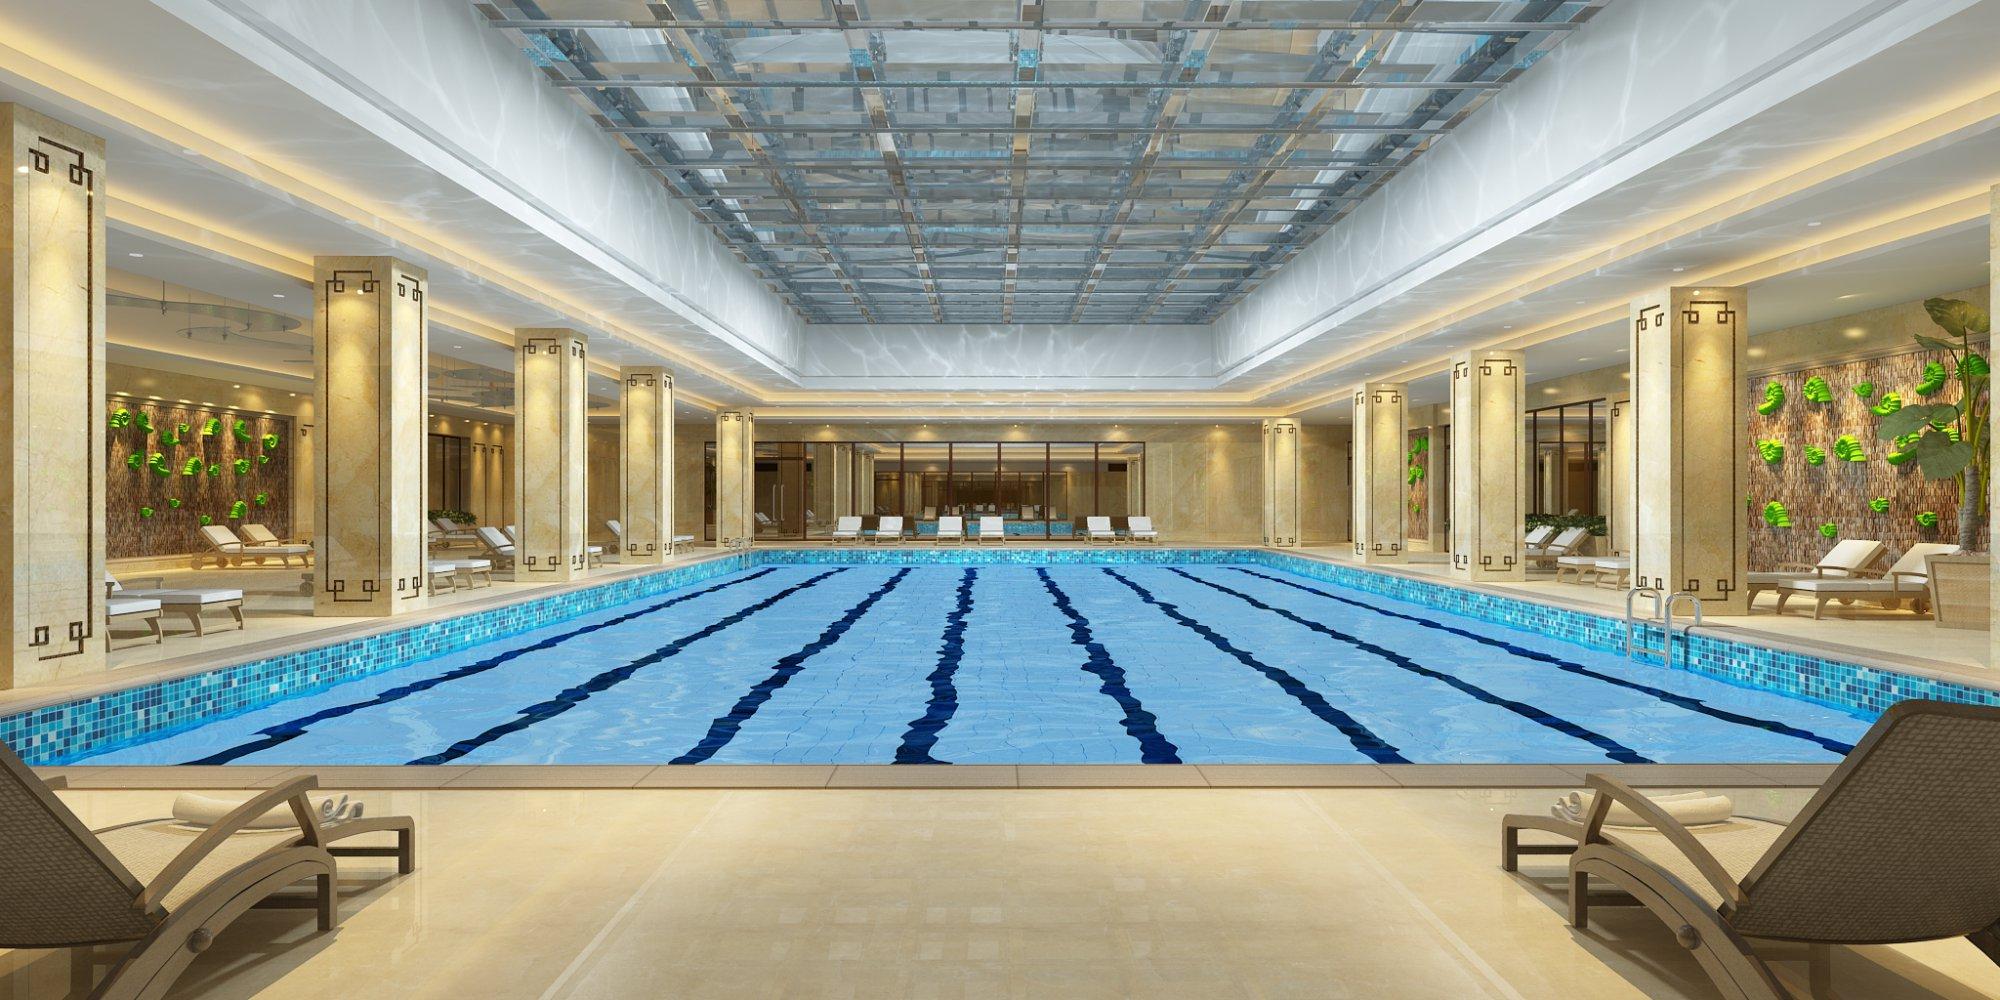 高级健身娱乐会所游泳池效果展示